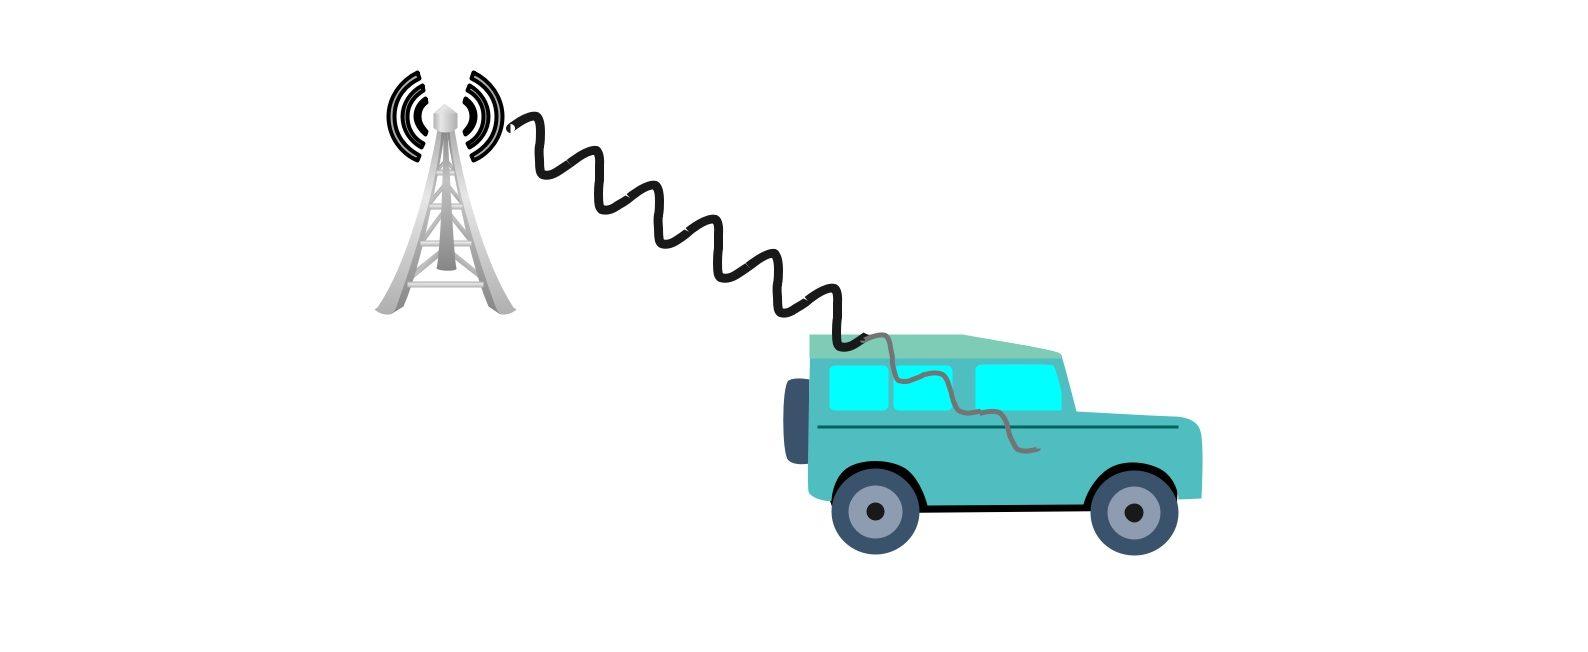 Internet auf Reisen - Das Metall der Karosse dämpft das Signal.